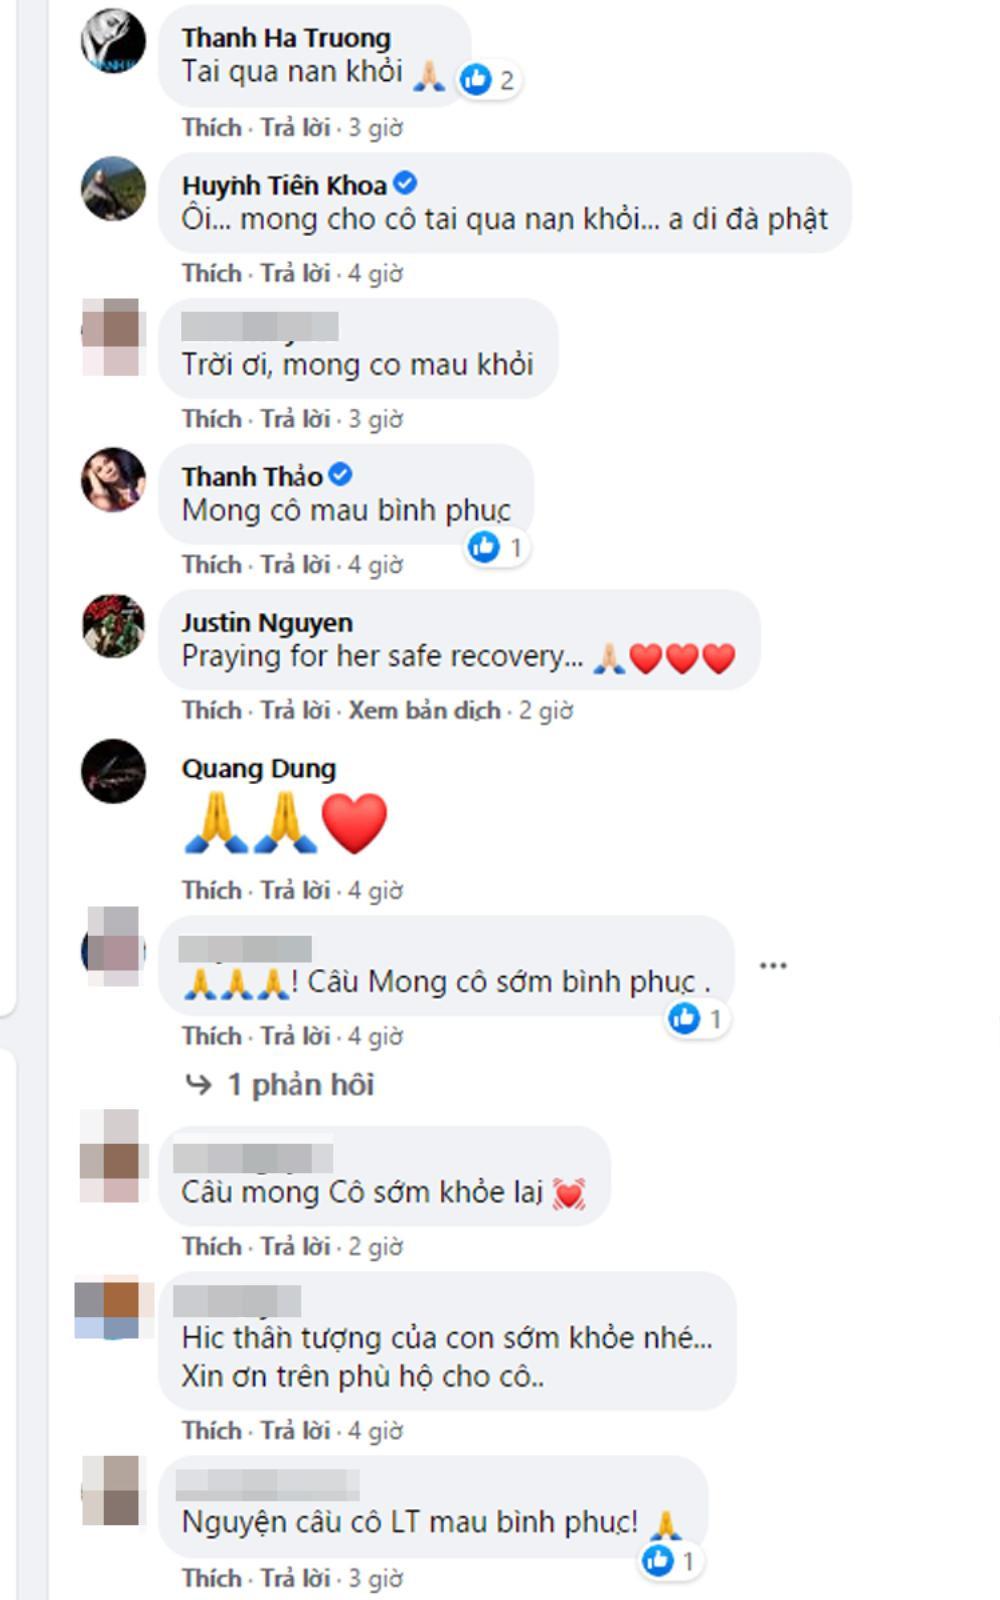 Sao Việt lo lắng cầu bình an cho danh ca Lệ Thu đang nằm viện điều trị COVID-19 ở Mỹ Ảnh 3